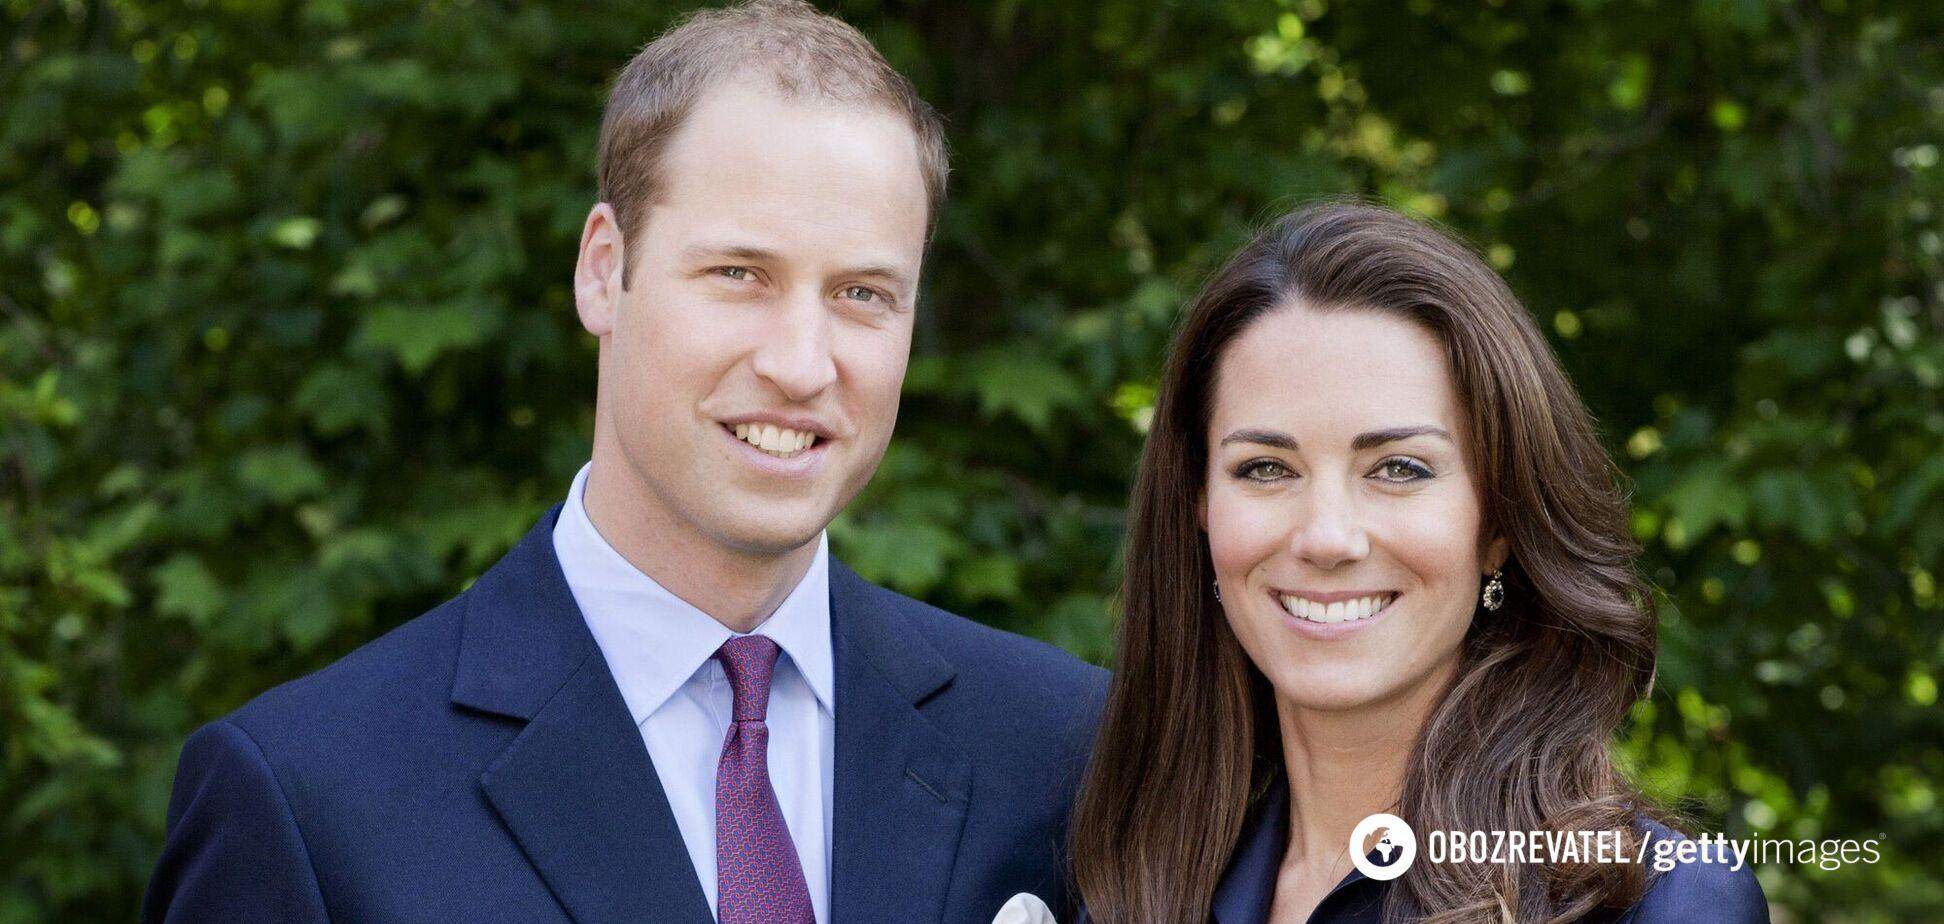 Кейт Міддлтон і принц Вільям показали місце, де познайомилися